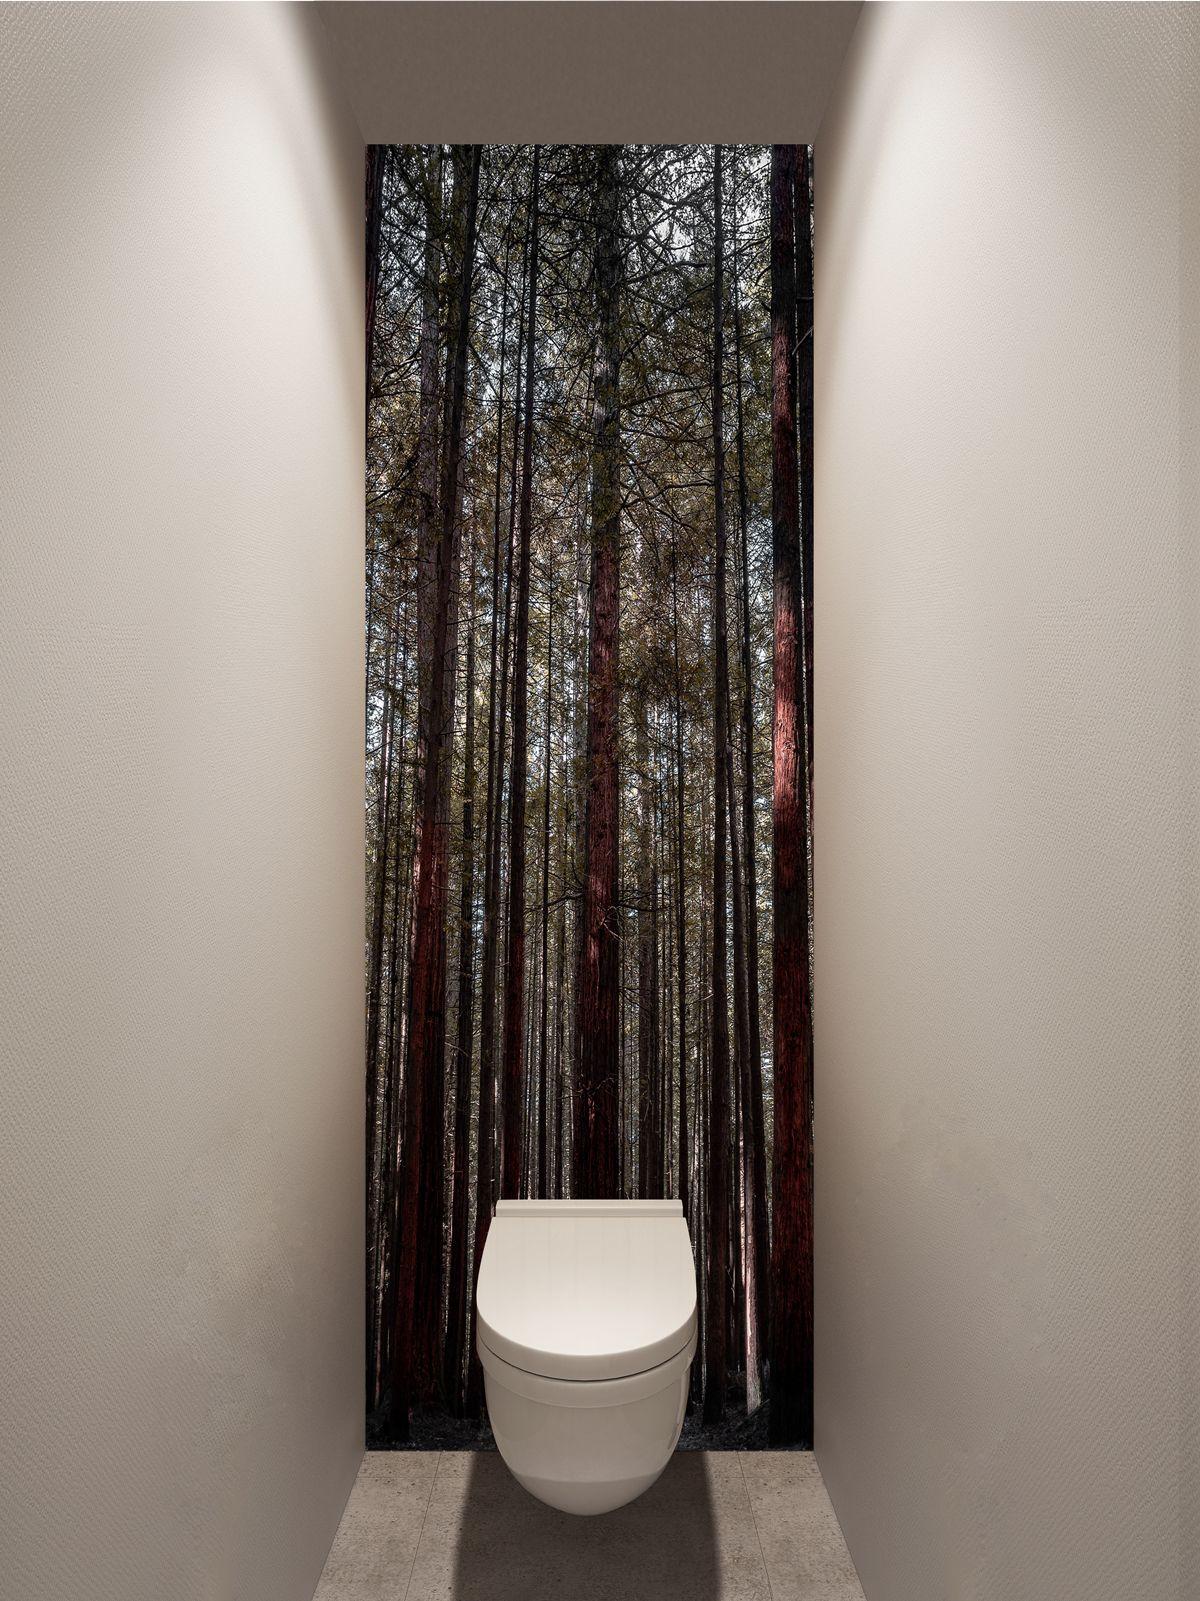 Фотообои в туалет - Корабельные сосны купить в магазине Интерьерные наклейки